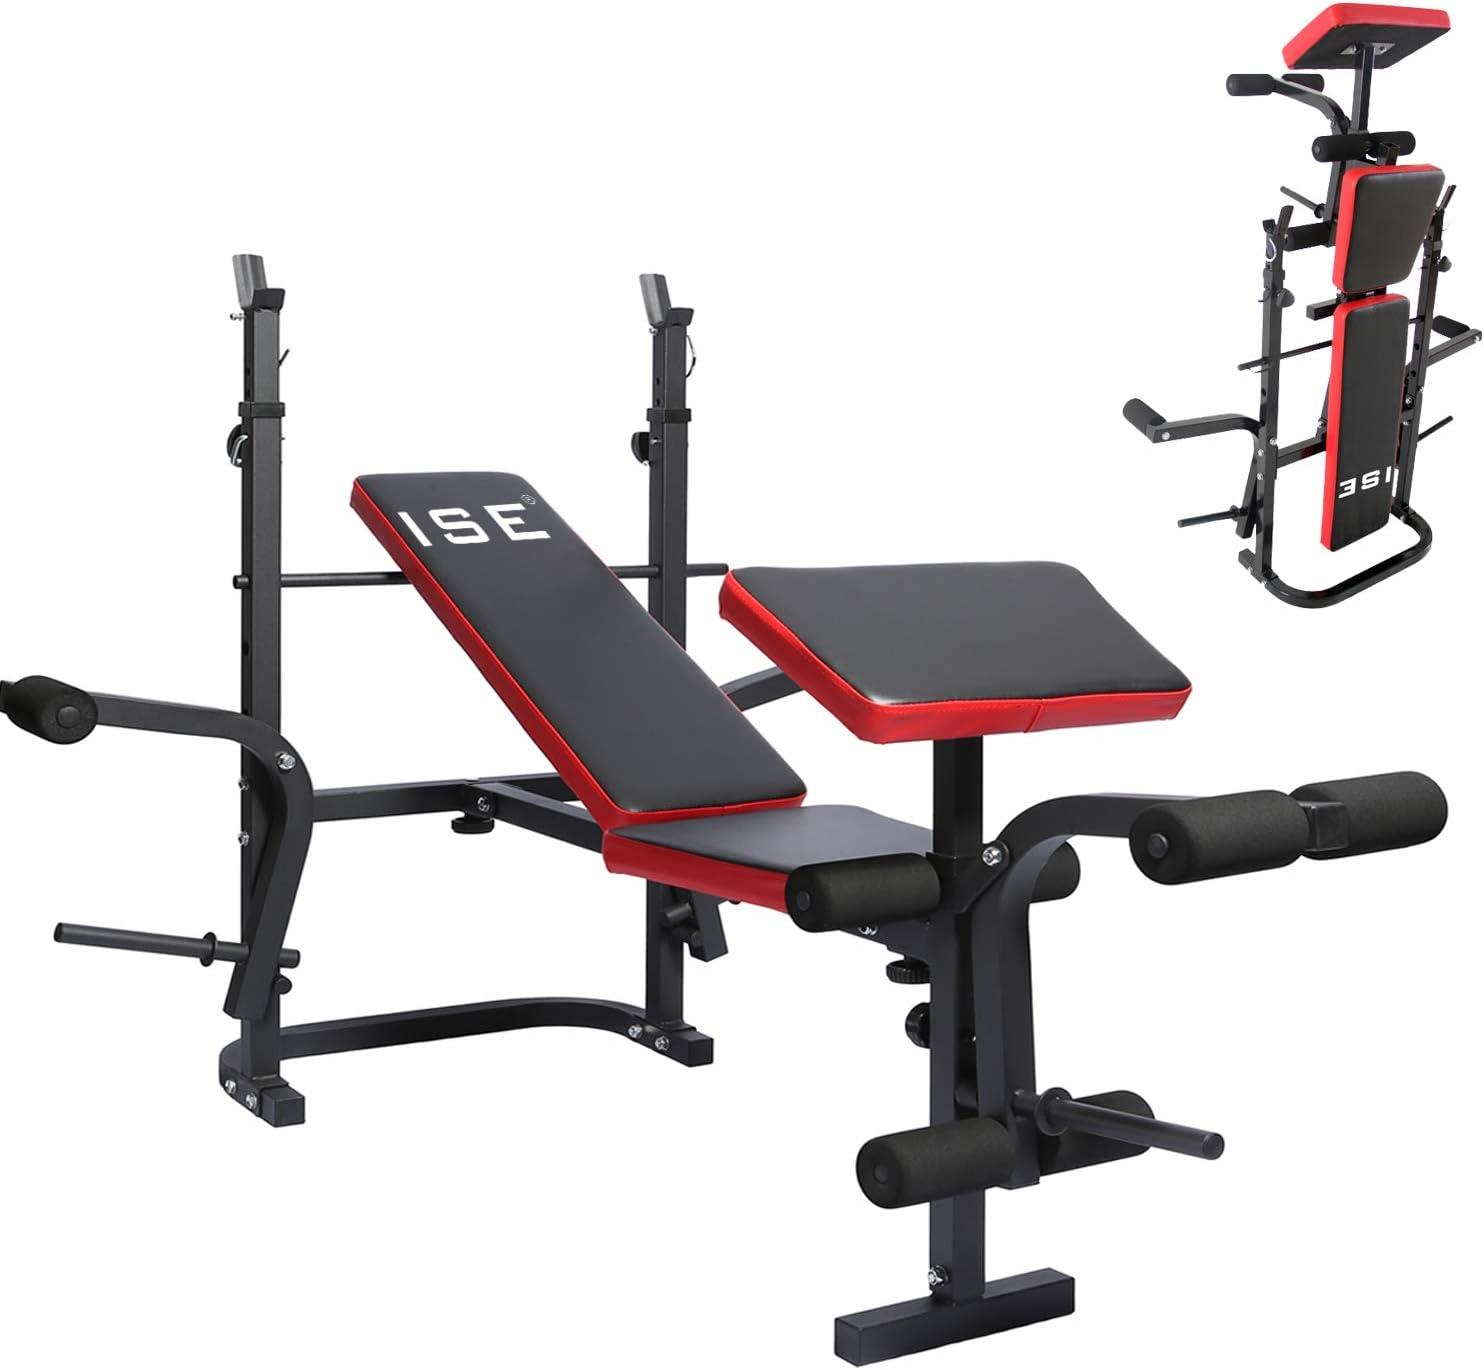 Ise Banc De Musculation Multifonction Reglable Pliable Inclinable Fitness Pour Entrainement Complet Sy 5430b Amazon Fr Sports Et Loisirs